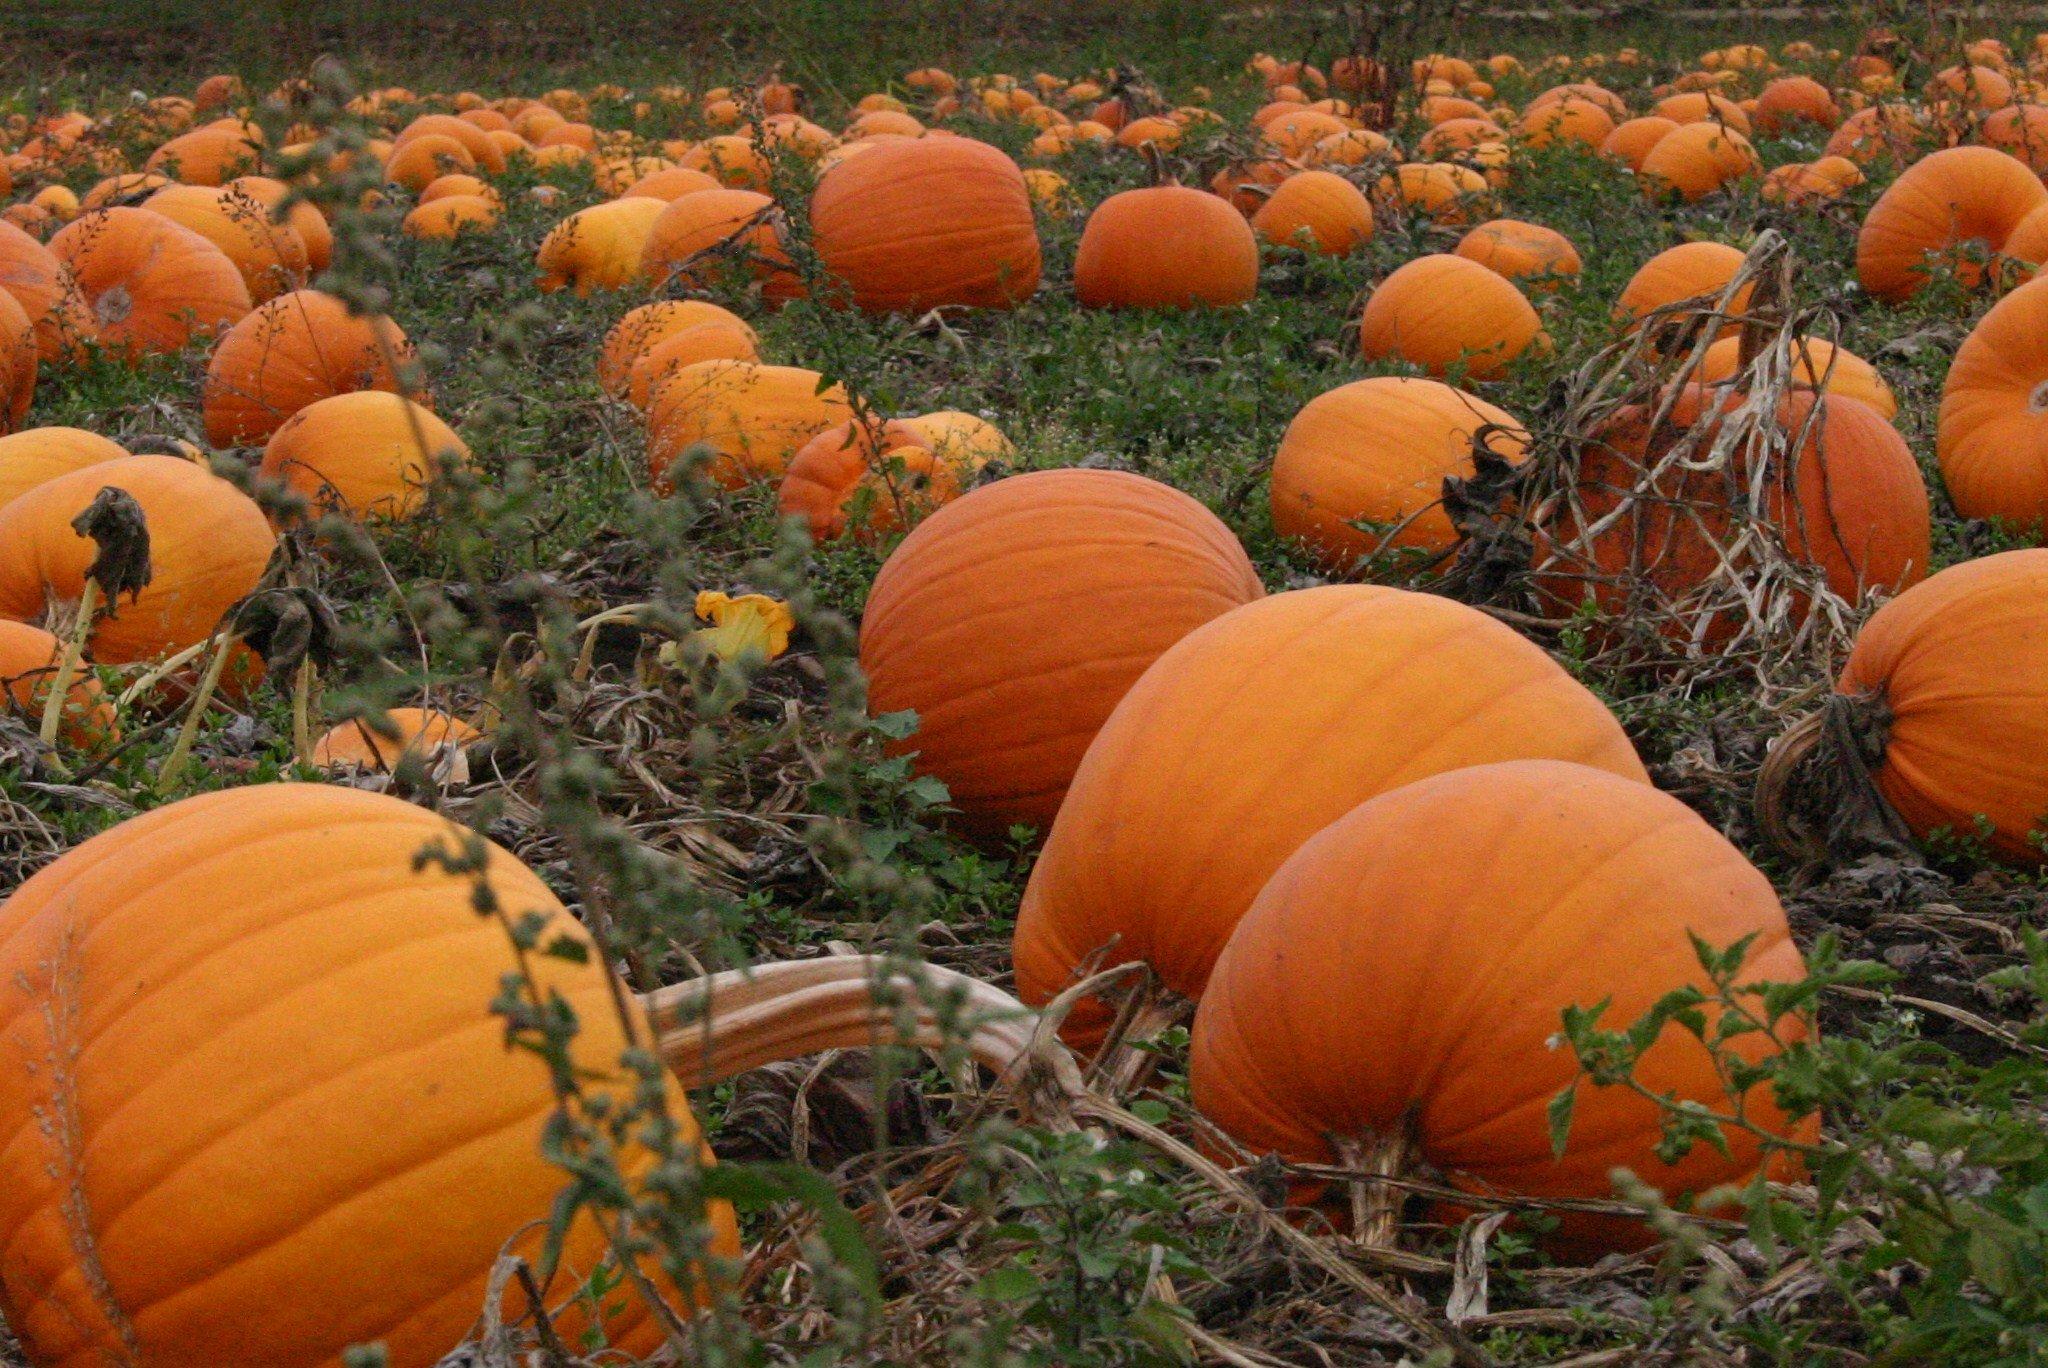 Pumpkin patch halloween autumn wallpaper 2048x1368 480189 wallpaperup - Fall wallpaper pumpkins ...